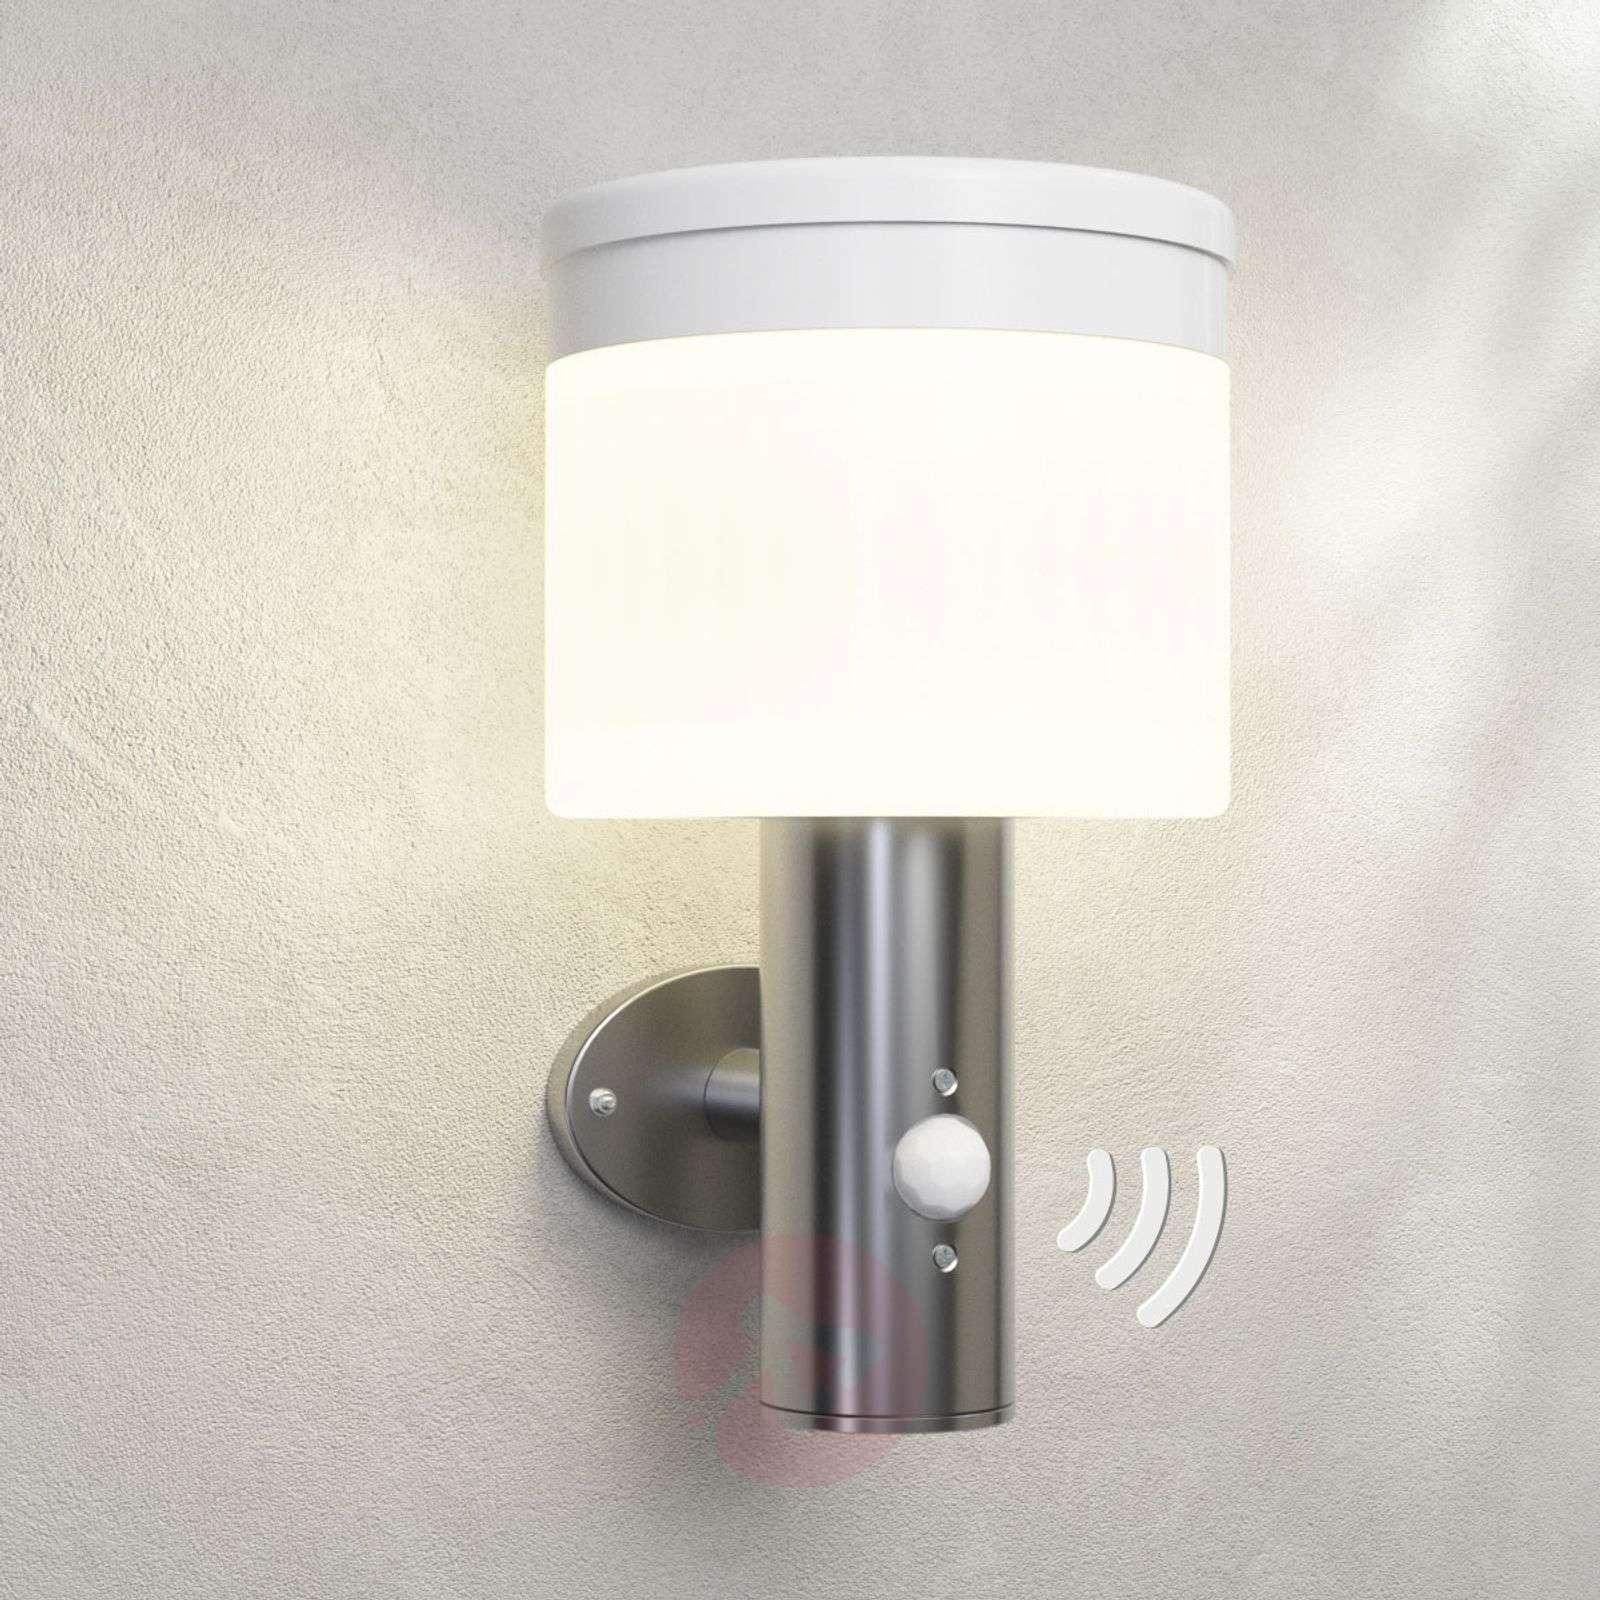 Aurinkokäyttöinen LED-ulkoseinävalaisin Cathleen-9988208-02